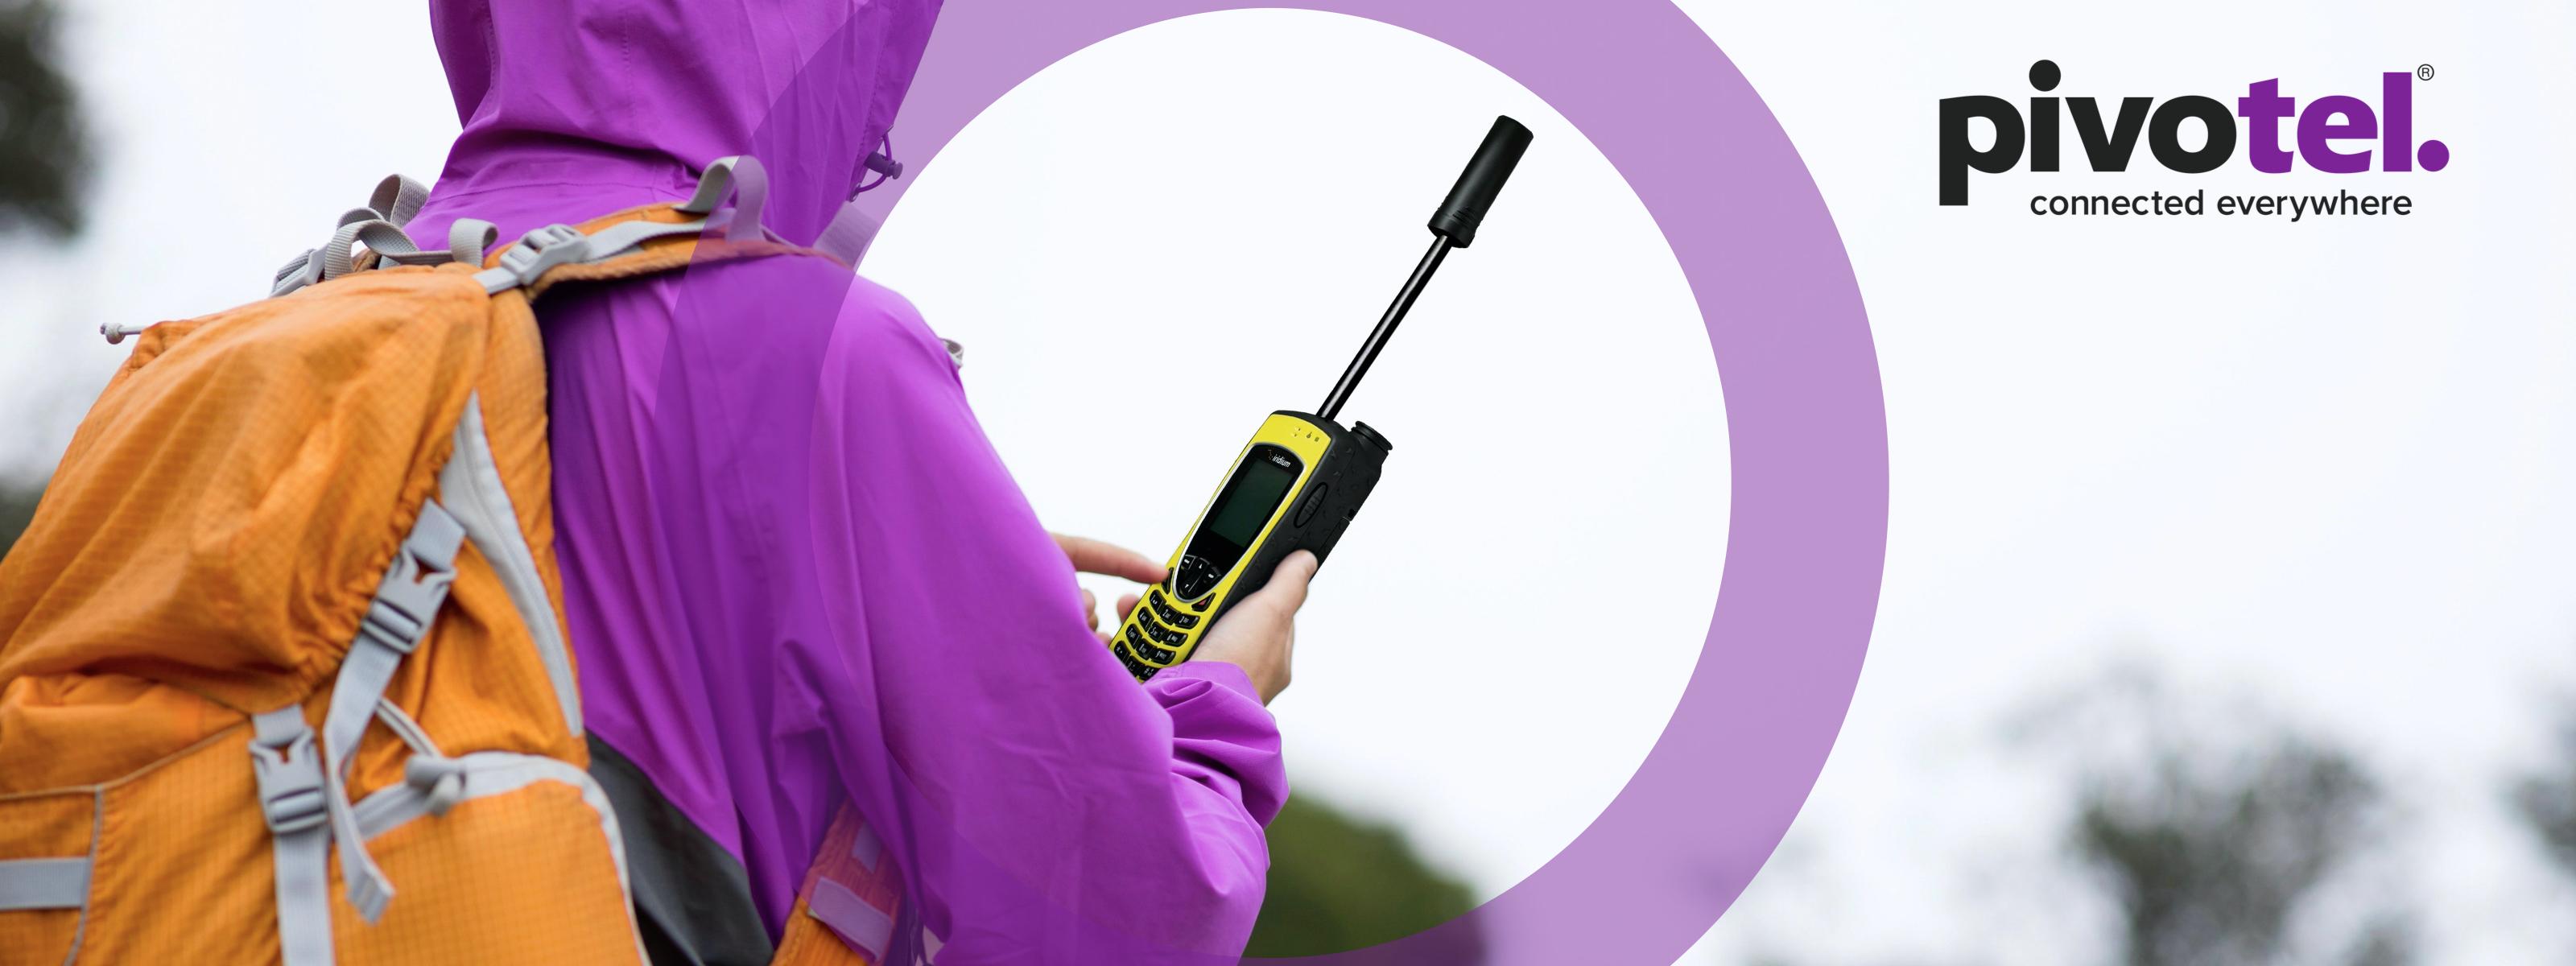 Pivotel Iridium Extreme Safety Yellow Featured Image.002